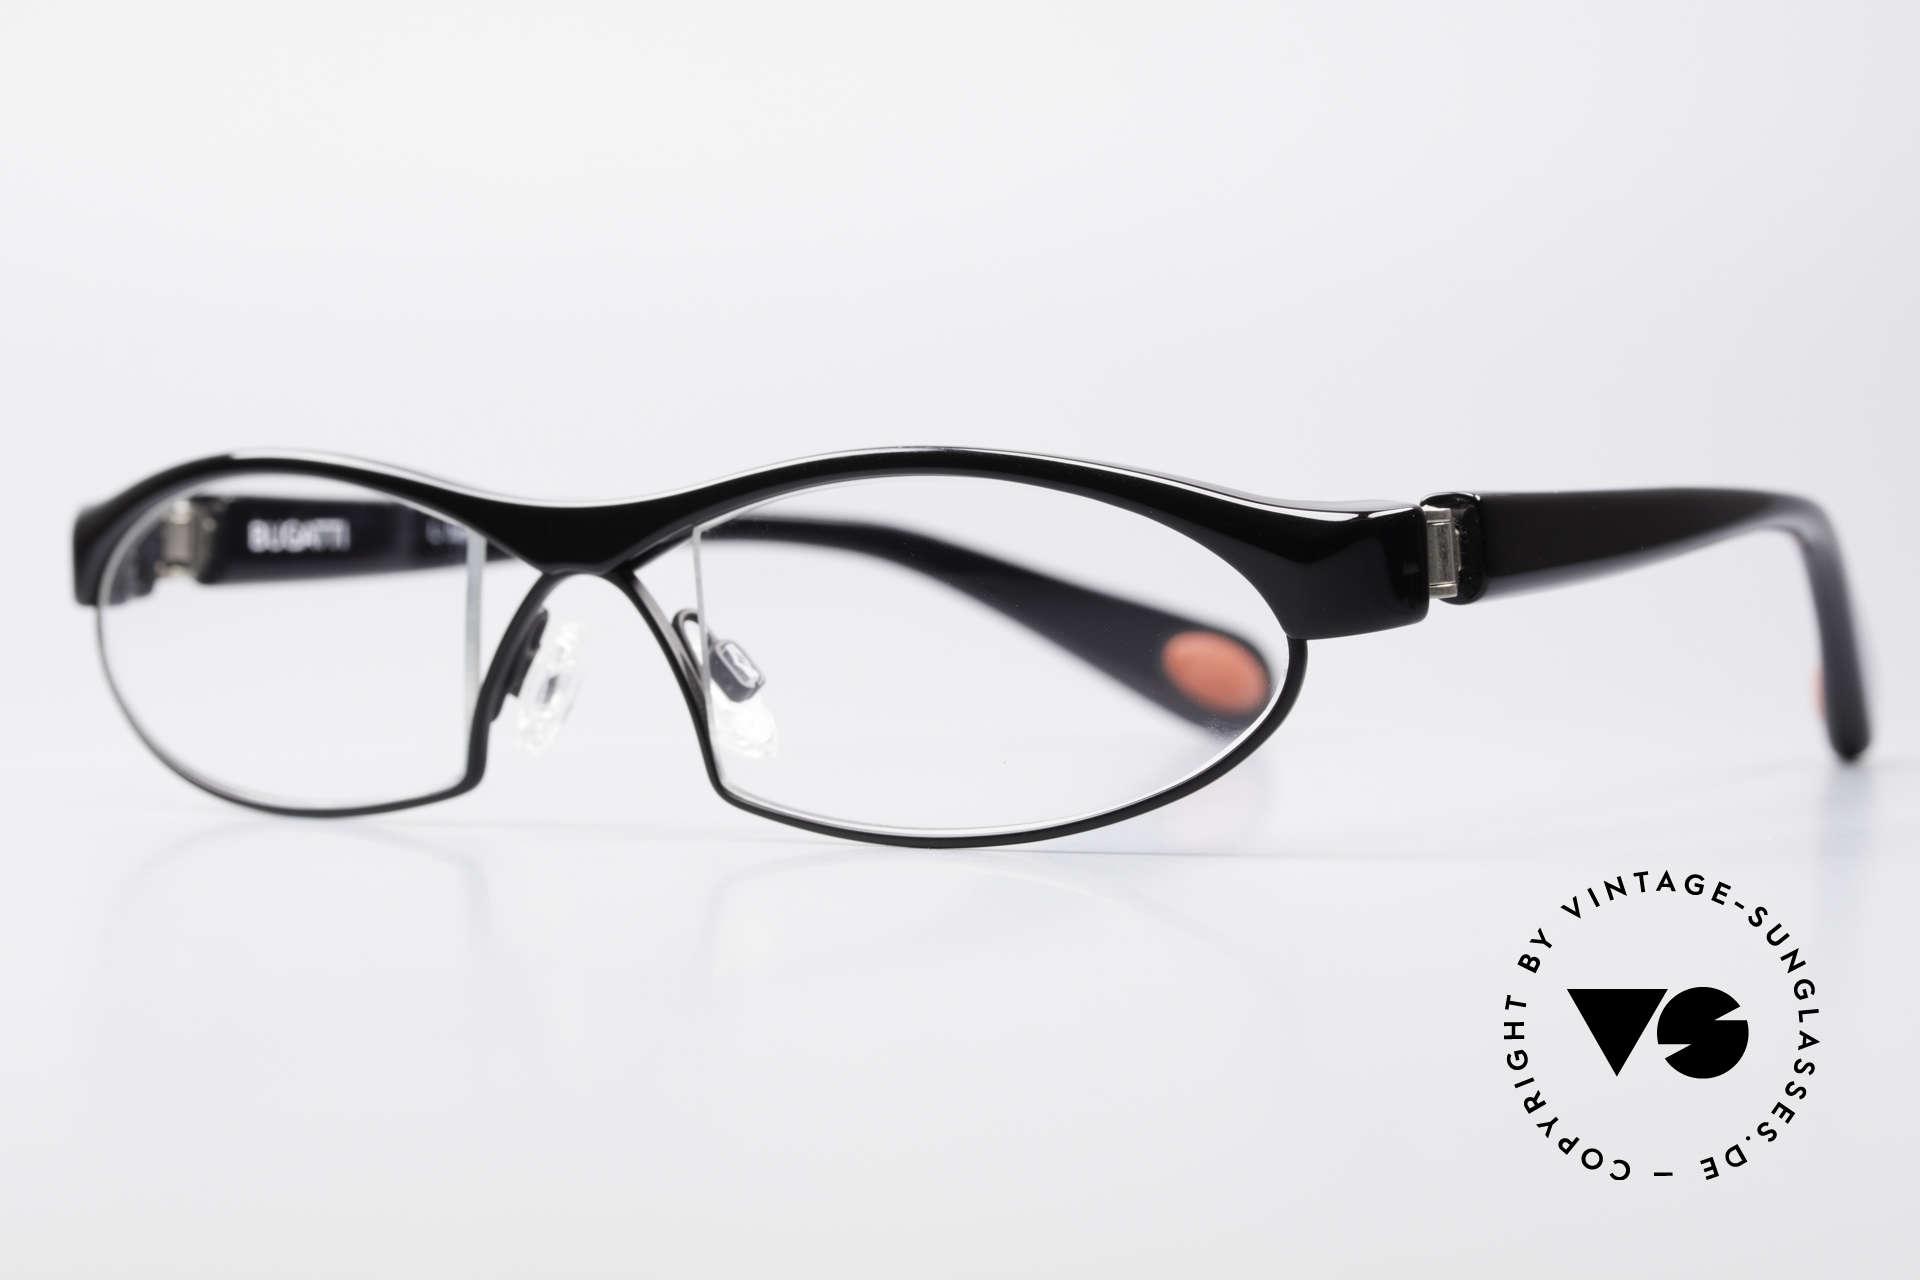 Bugatti 370 Odotype Herren Designer Brille Top, ergonomischer Rahmen mit Federscharnieren, Passend für Herren